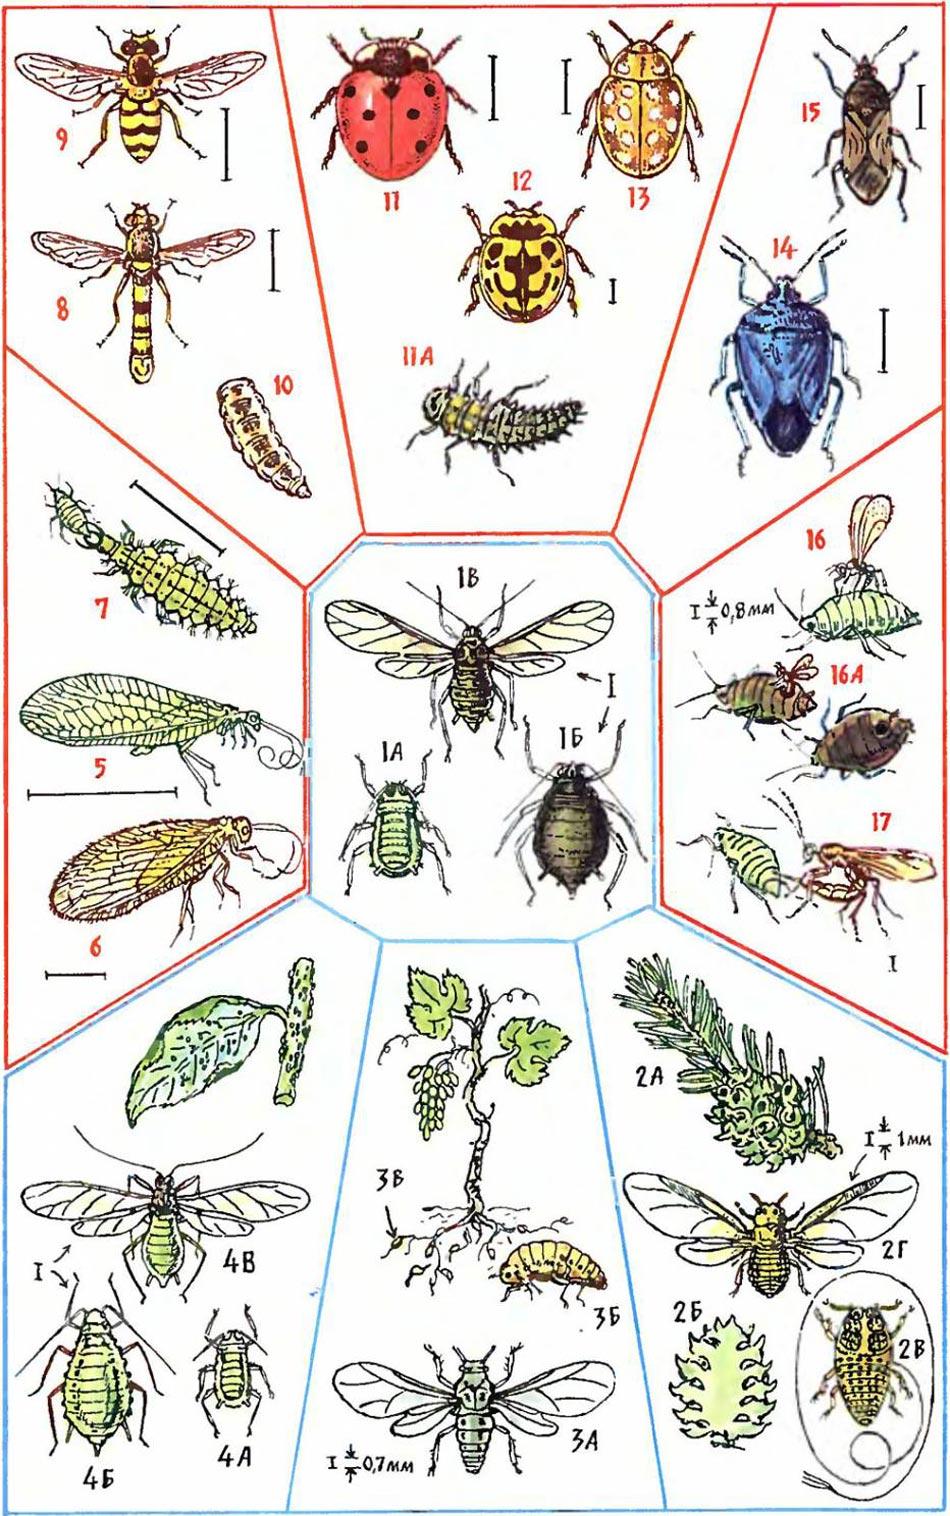 Виды тли и ее биологические враги: 1 - Тля, 2 - Хвойная тля, 3 - Тля-филлоксера, 4 - Яблонная тля, 5 - Златоглазки, 6 - Гемеробии, 8 - Сферофория украшенная, 9 - Сирф перевязанный, 10 - Муха-журчалка, 11,12,13 - Коровки, 14 - Клоп-ориус, 15 - Клоп-зикрона, 16,17 - Наездник афелинус